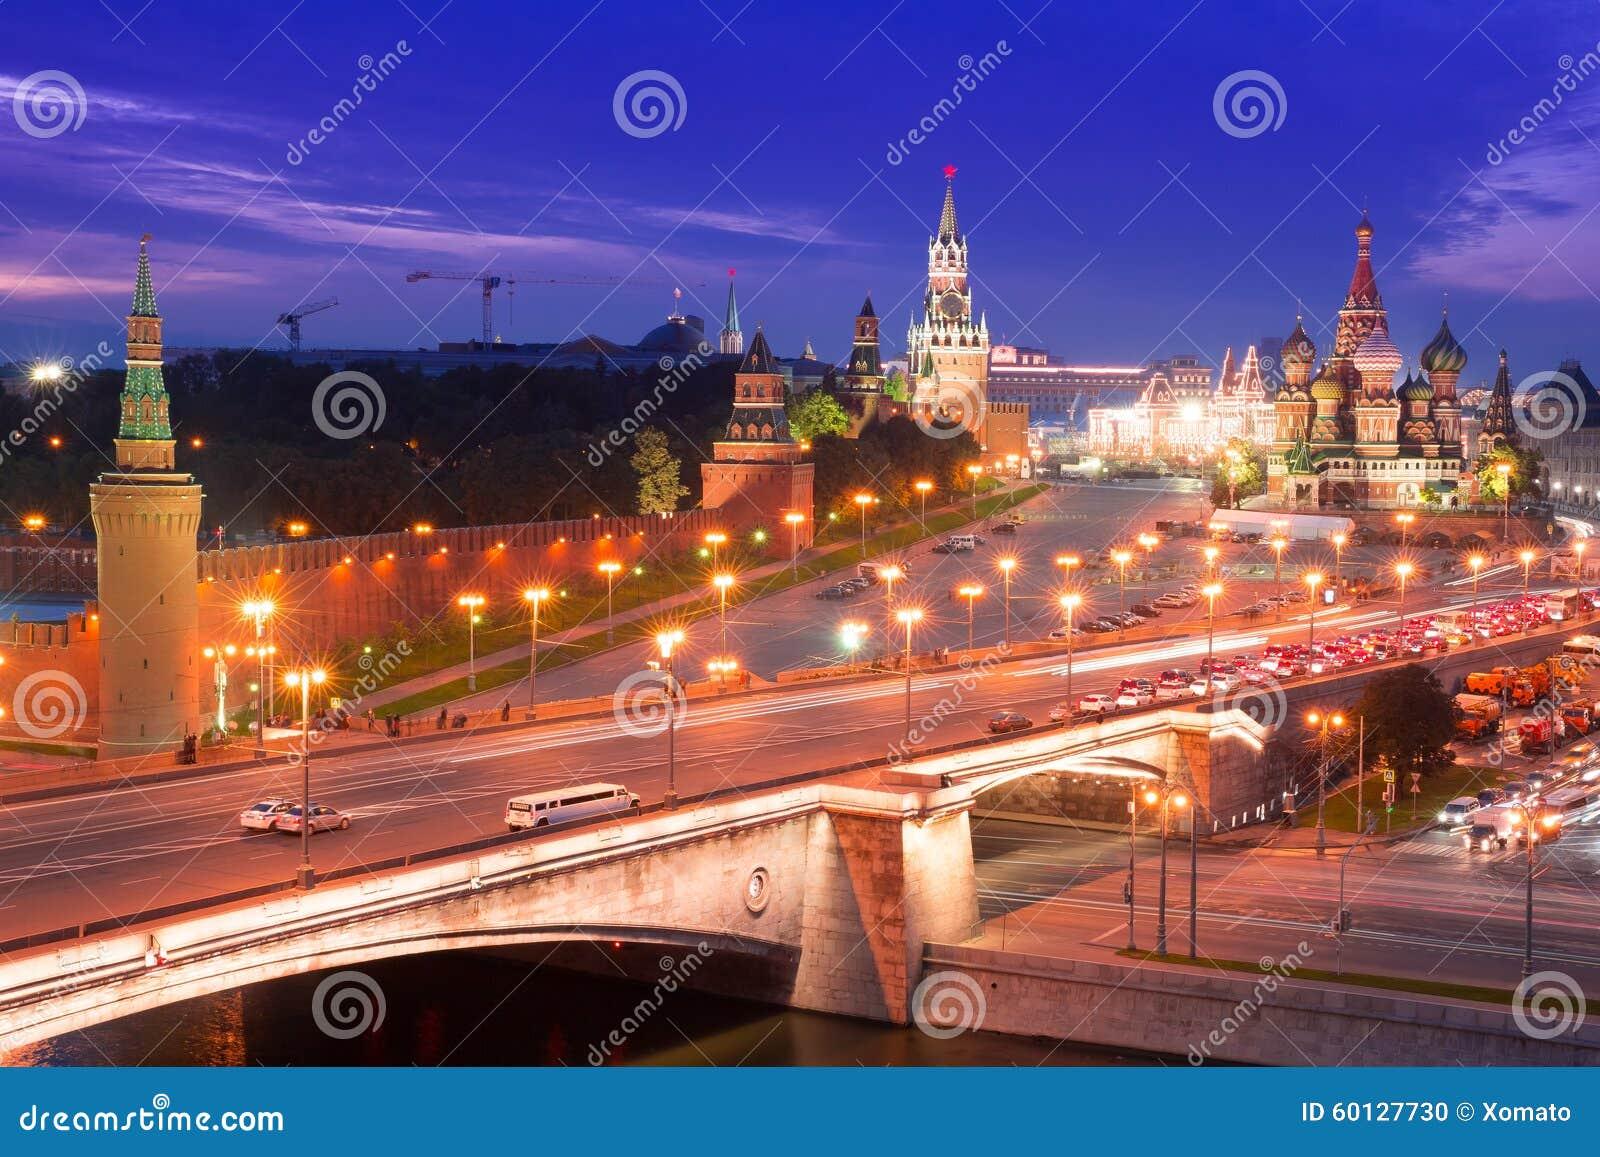 Nacht luchtpanorama aan de Brug van Bolshoy Moskvoretsky, torens van Moskou het Kremlin en Heilige Basil Cathedral